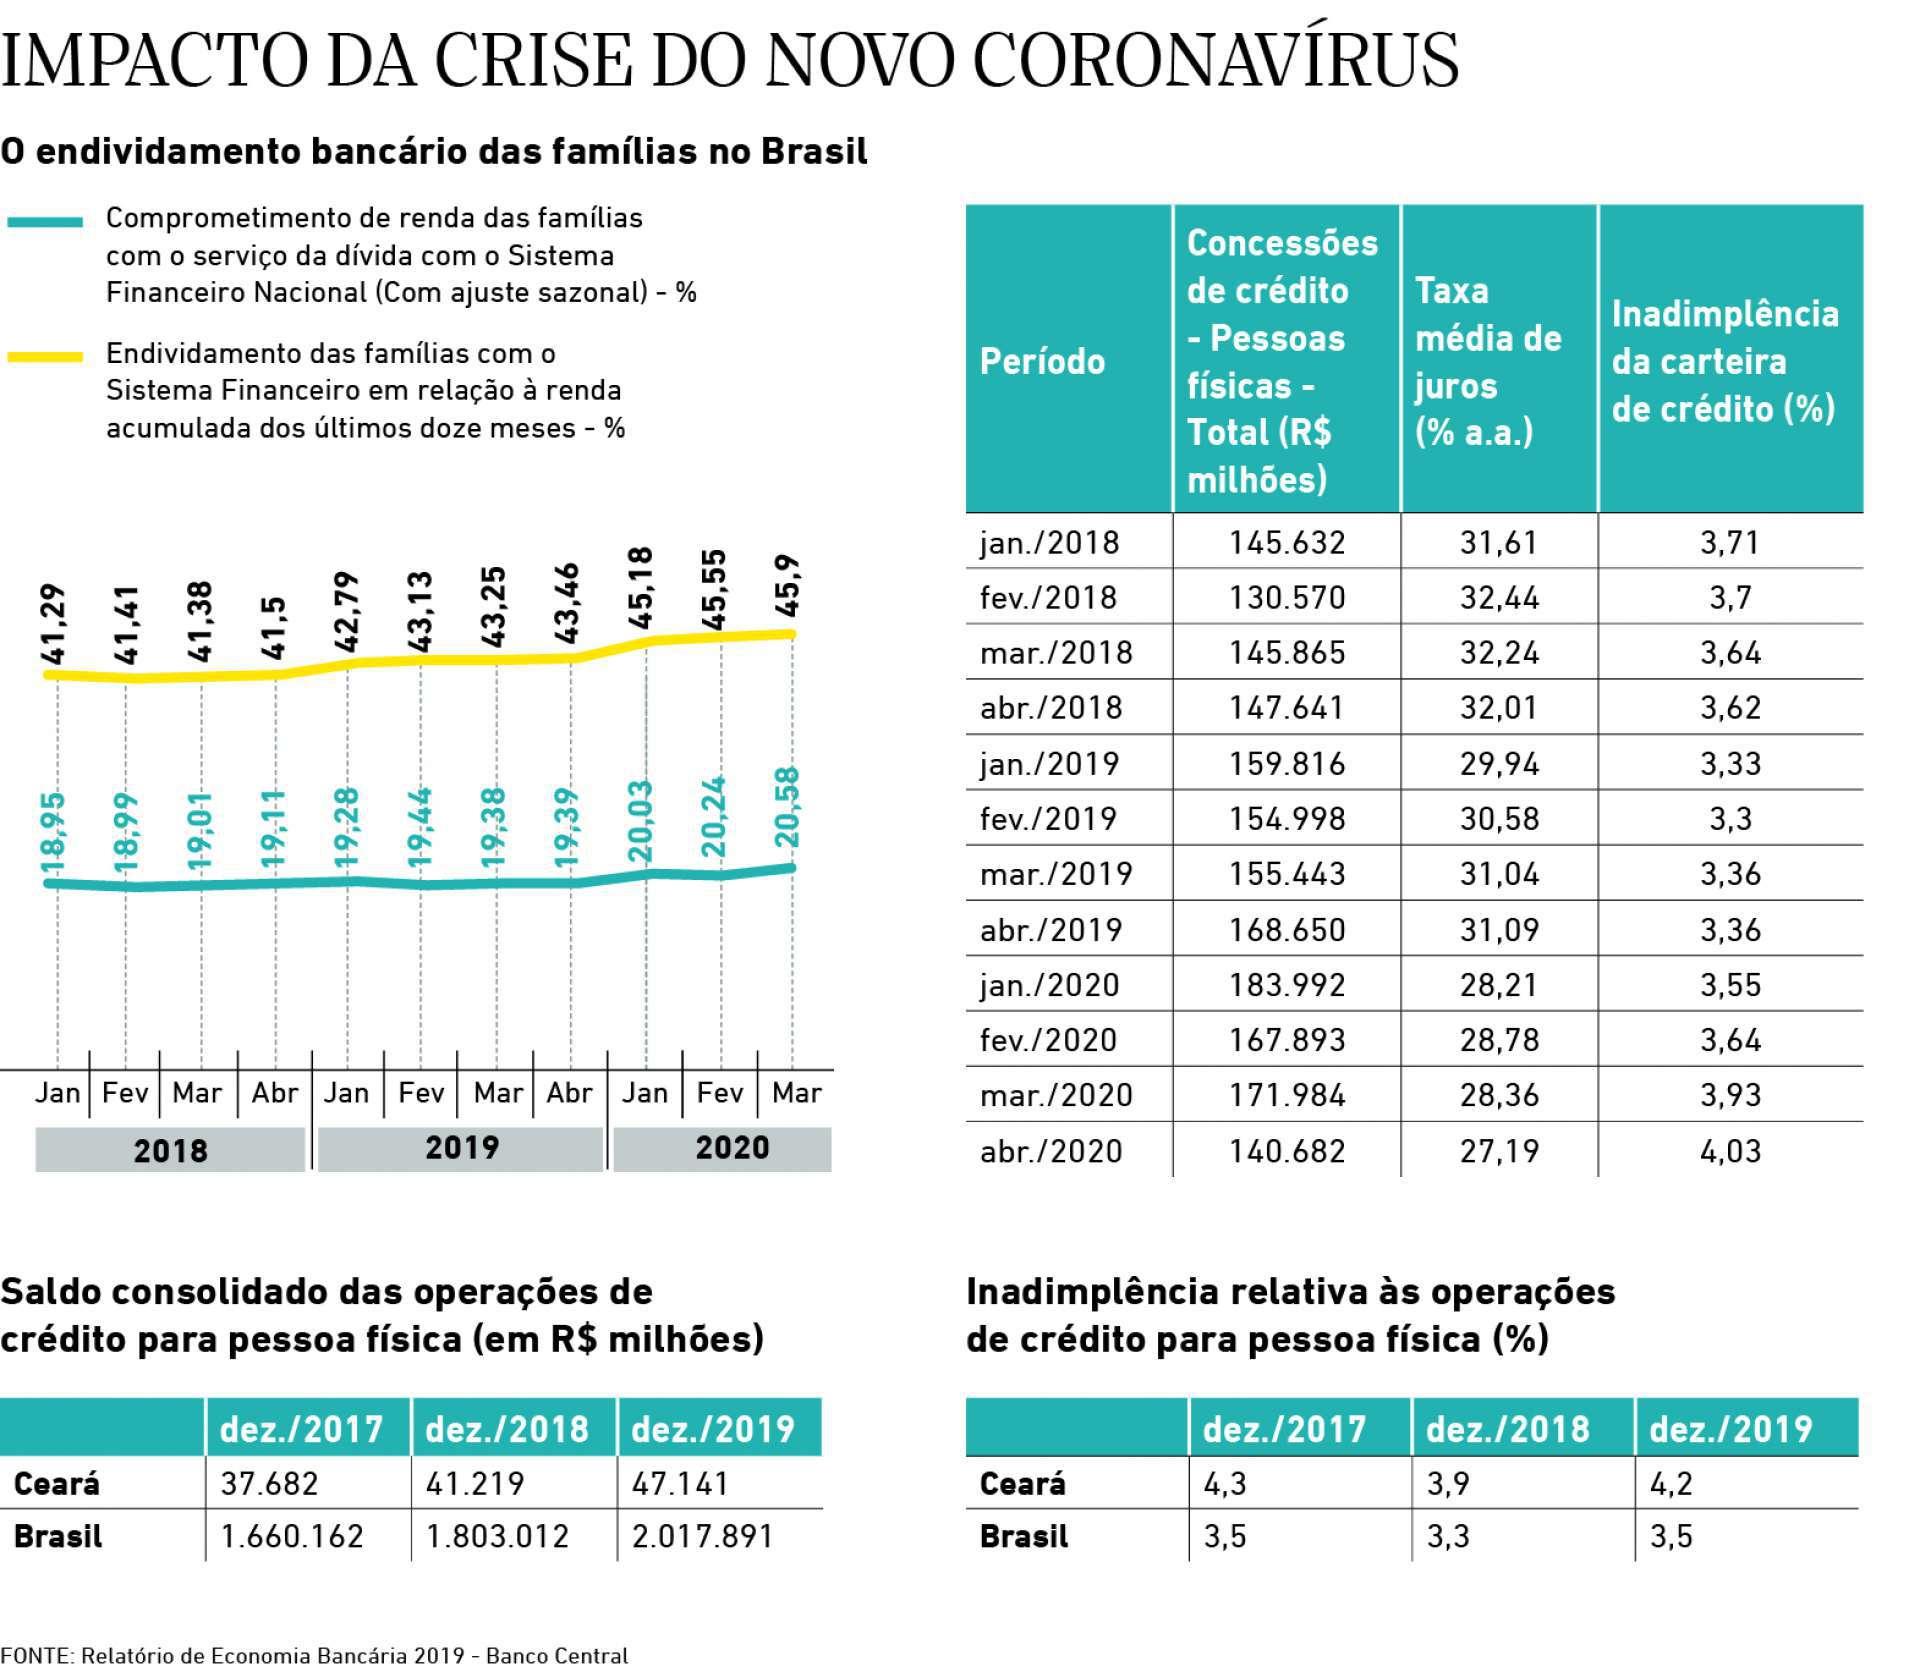 Impacto da crise do novo coronavirus